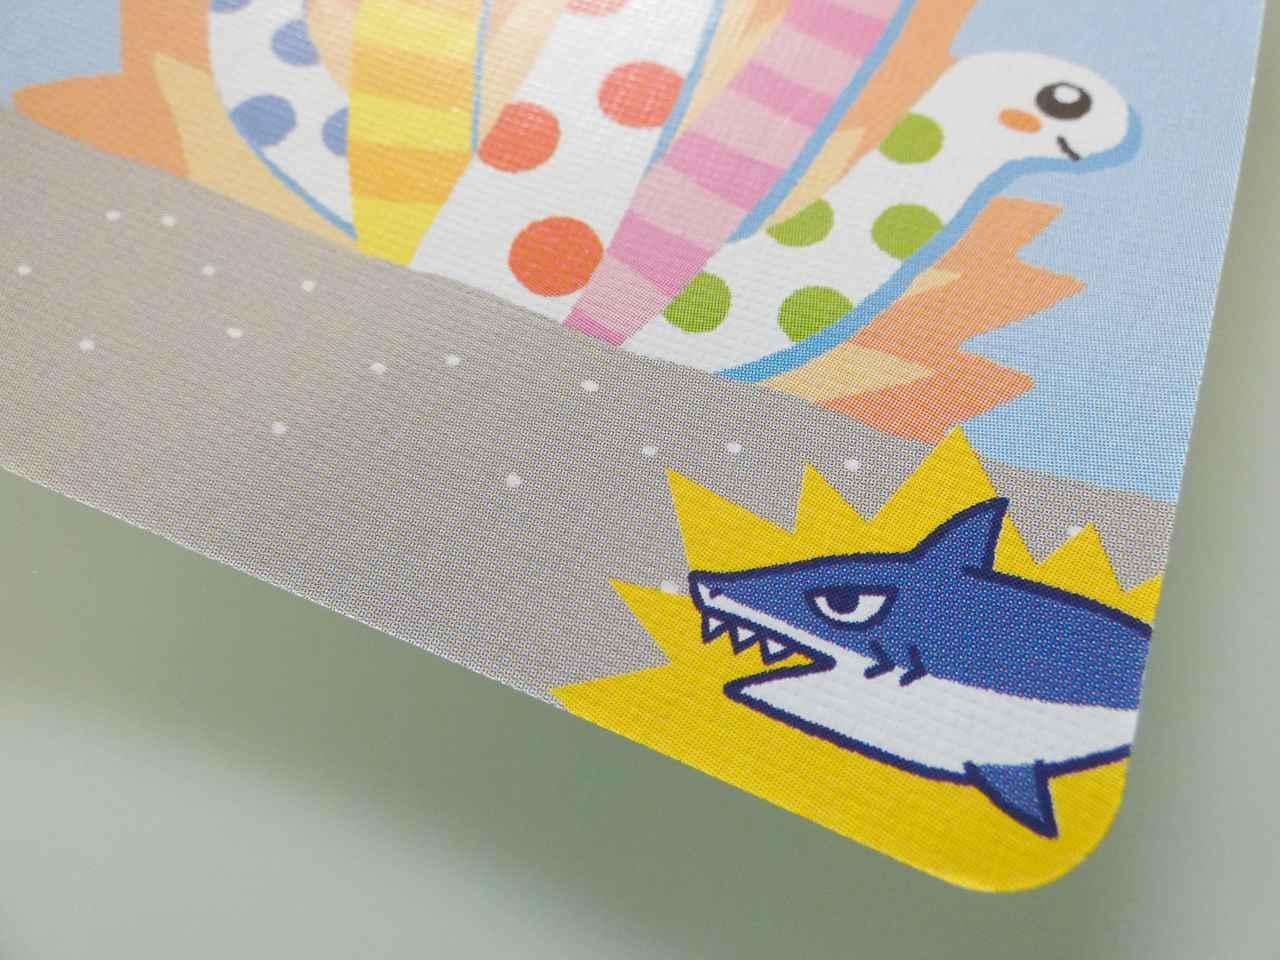 画像: サメアイコンの付いたちんあなごカード(筆者撮影)